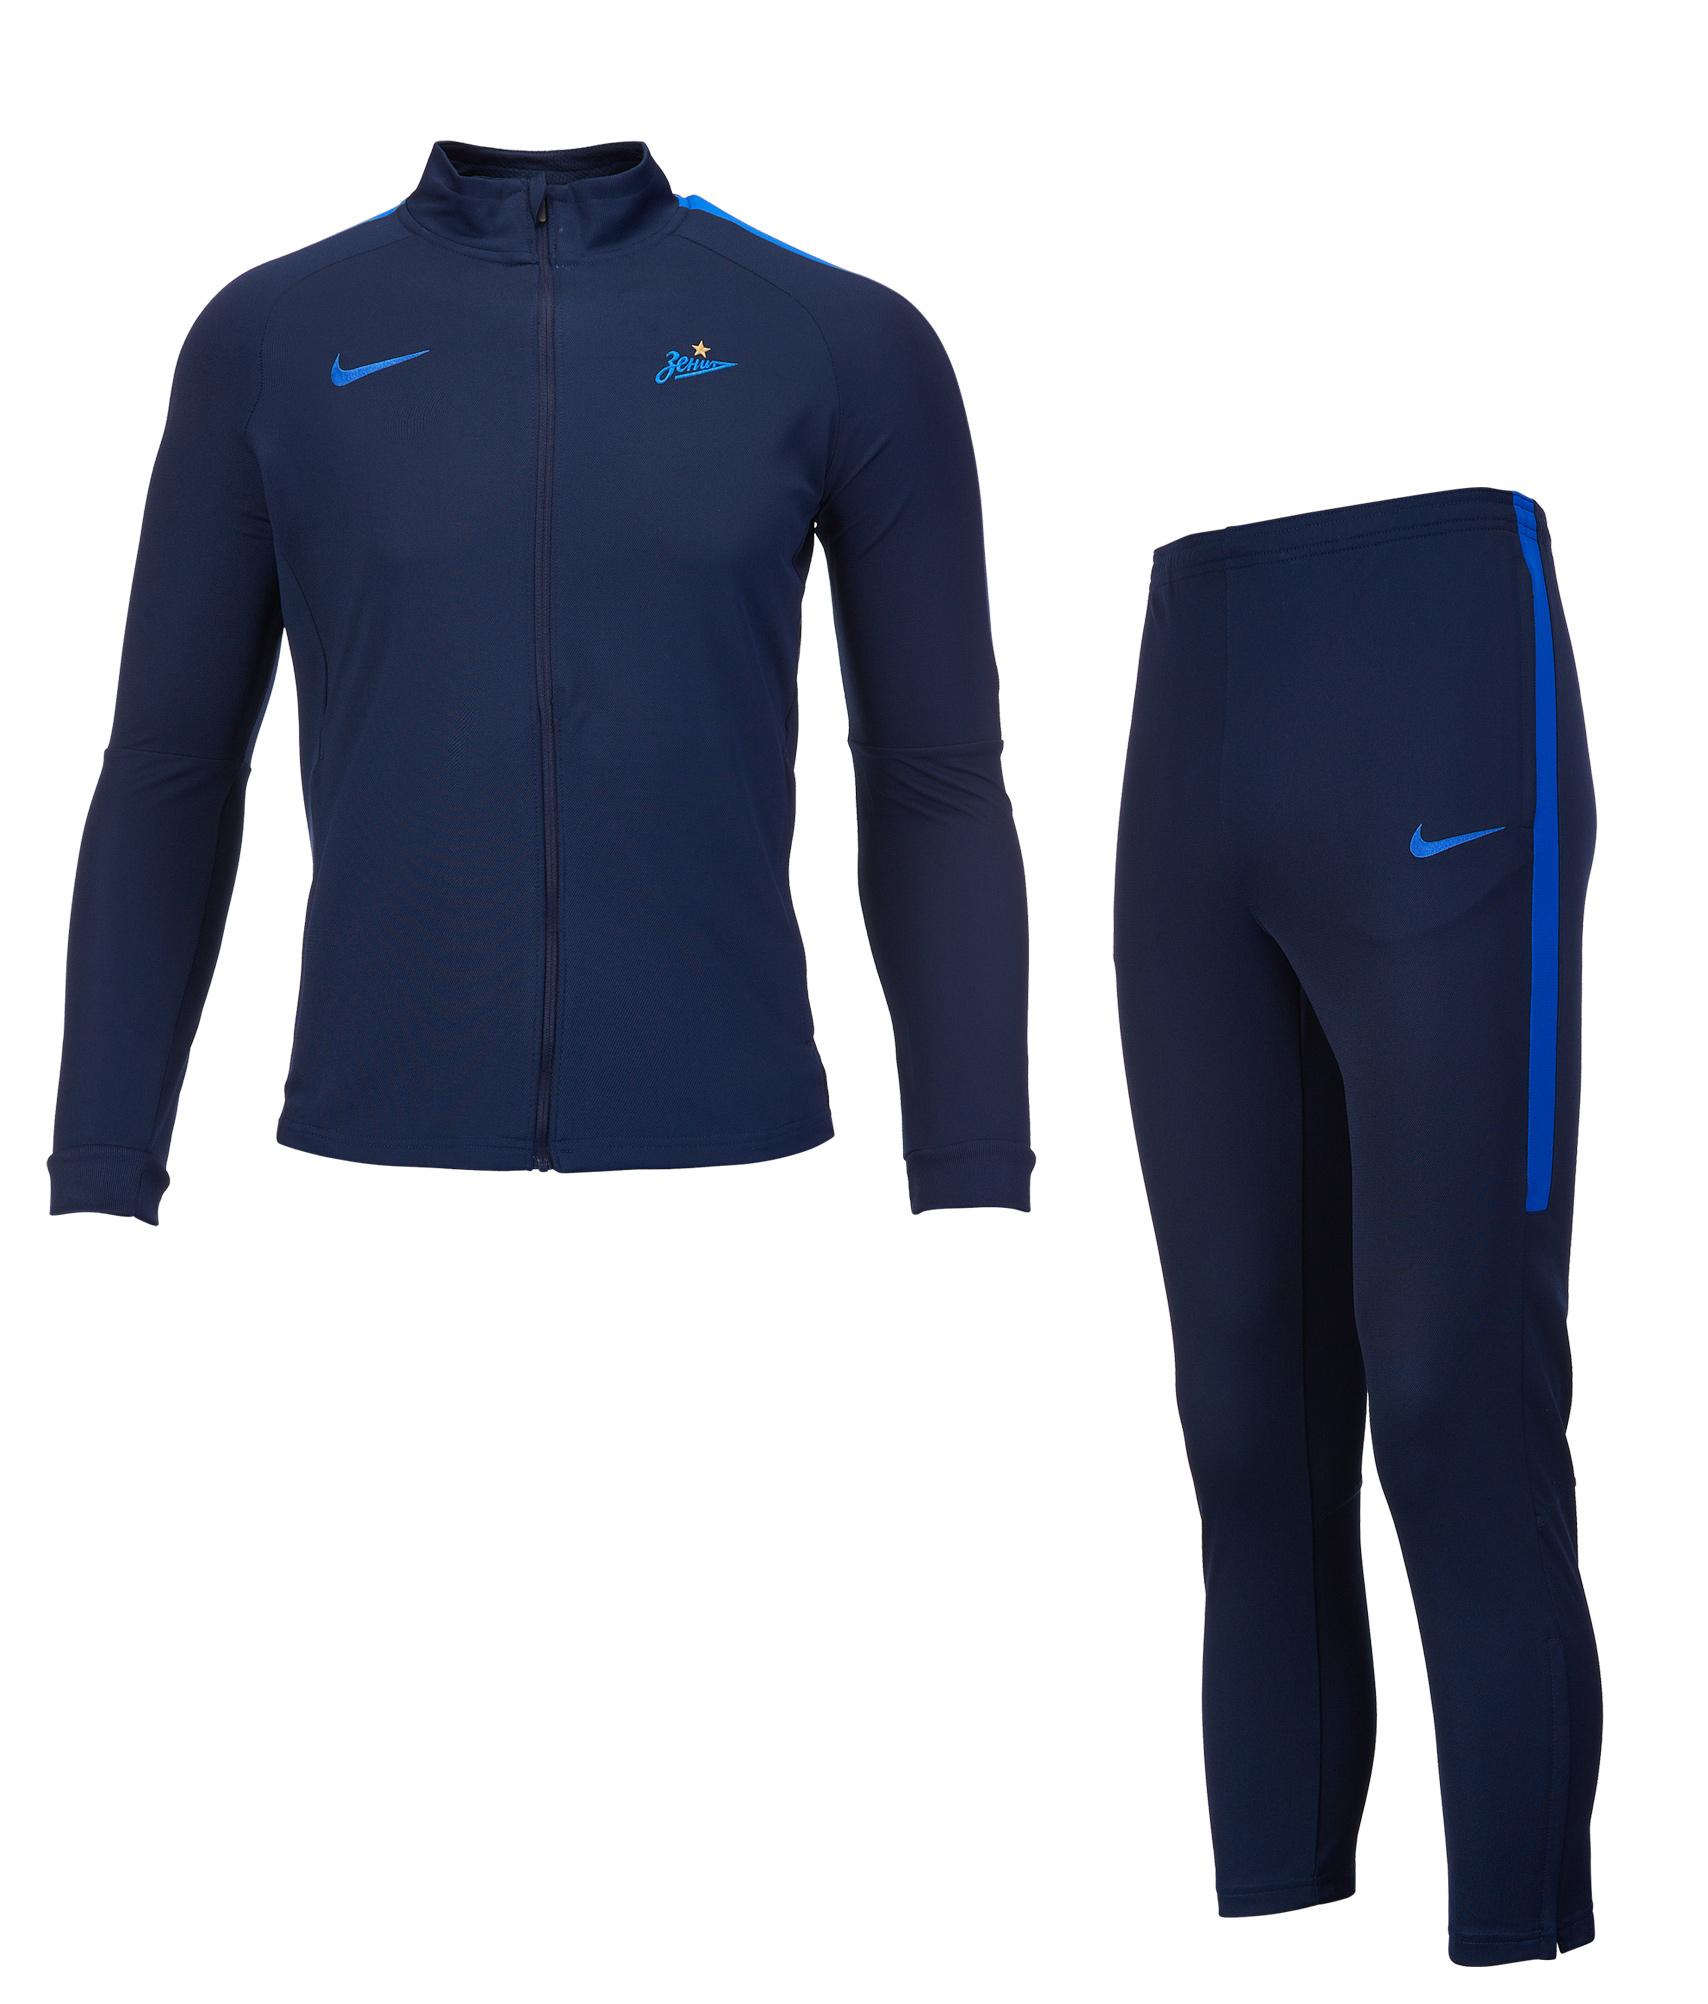 Спортивный костюм подростковый Nike Zenit Nike Цвет-Синий шорты тренировочные подростковые nike zenit 2018 19 nike